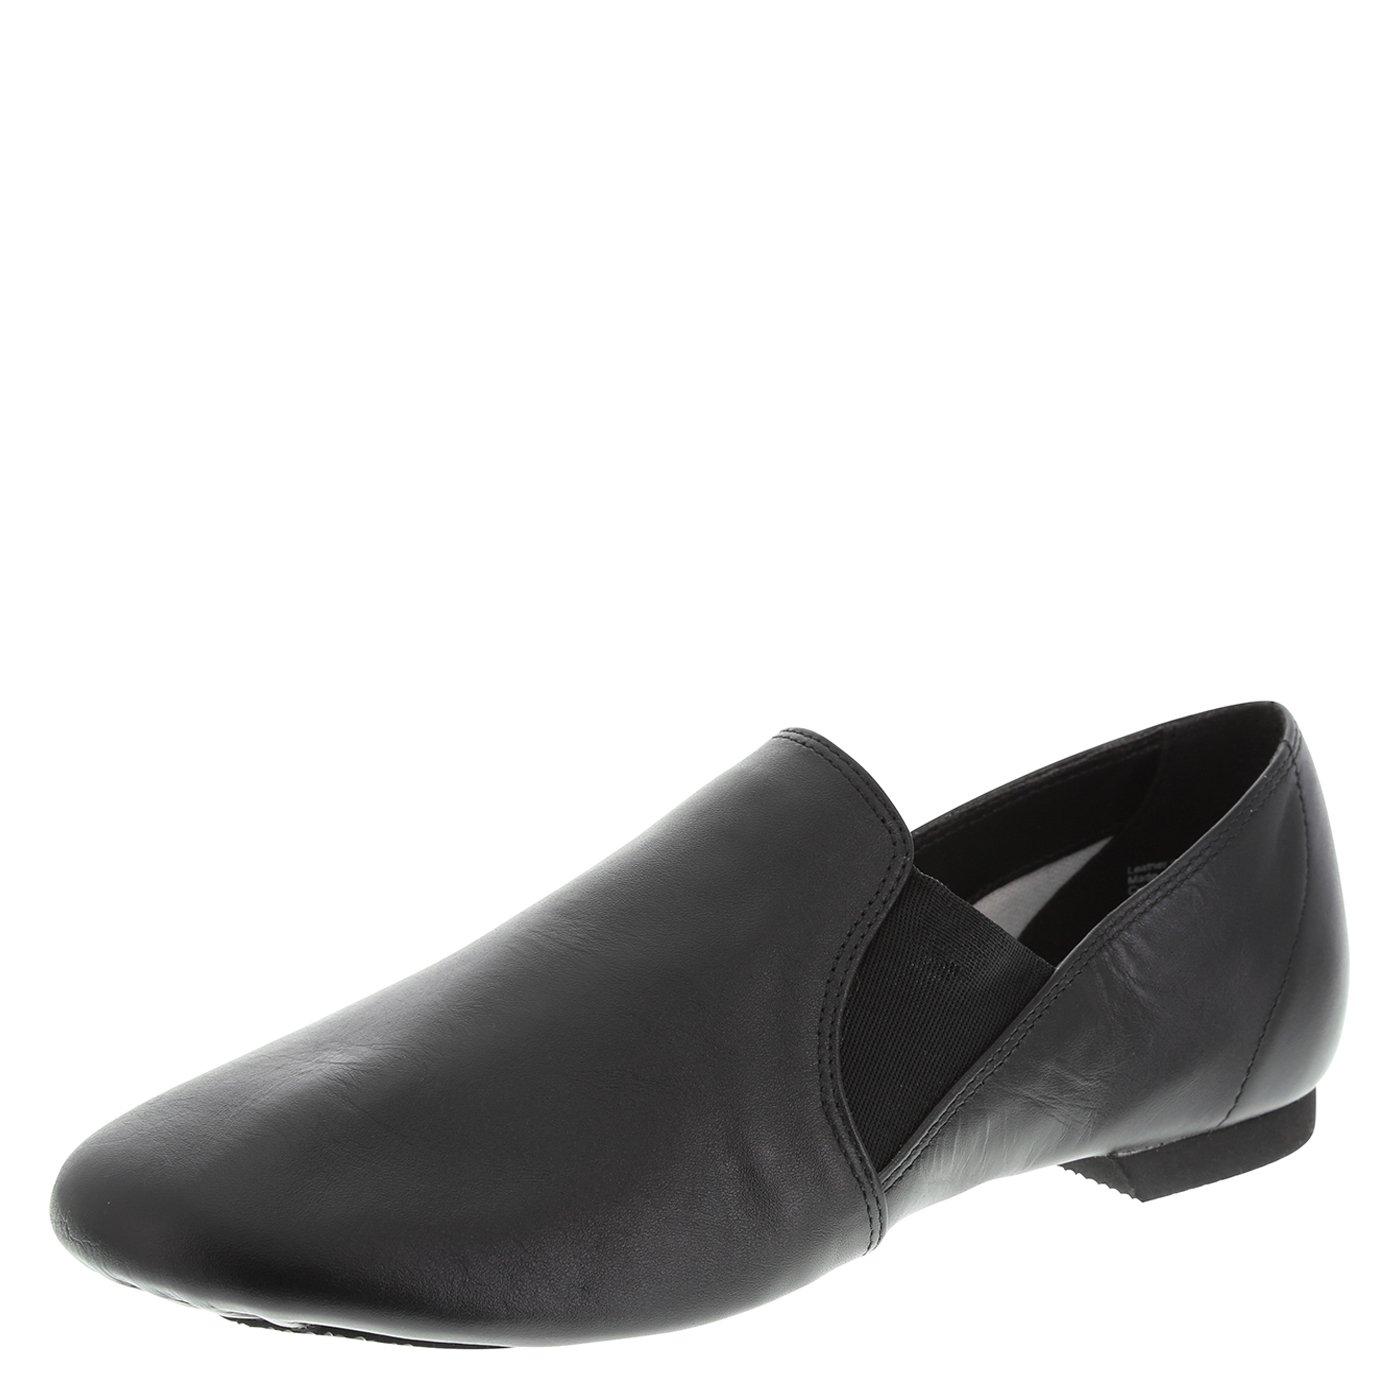 American Ballet Theatre for Spotlights Women's Black Women's Twin Gore Jazz Shoe 9 Regular